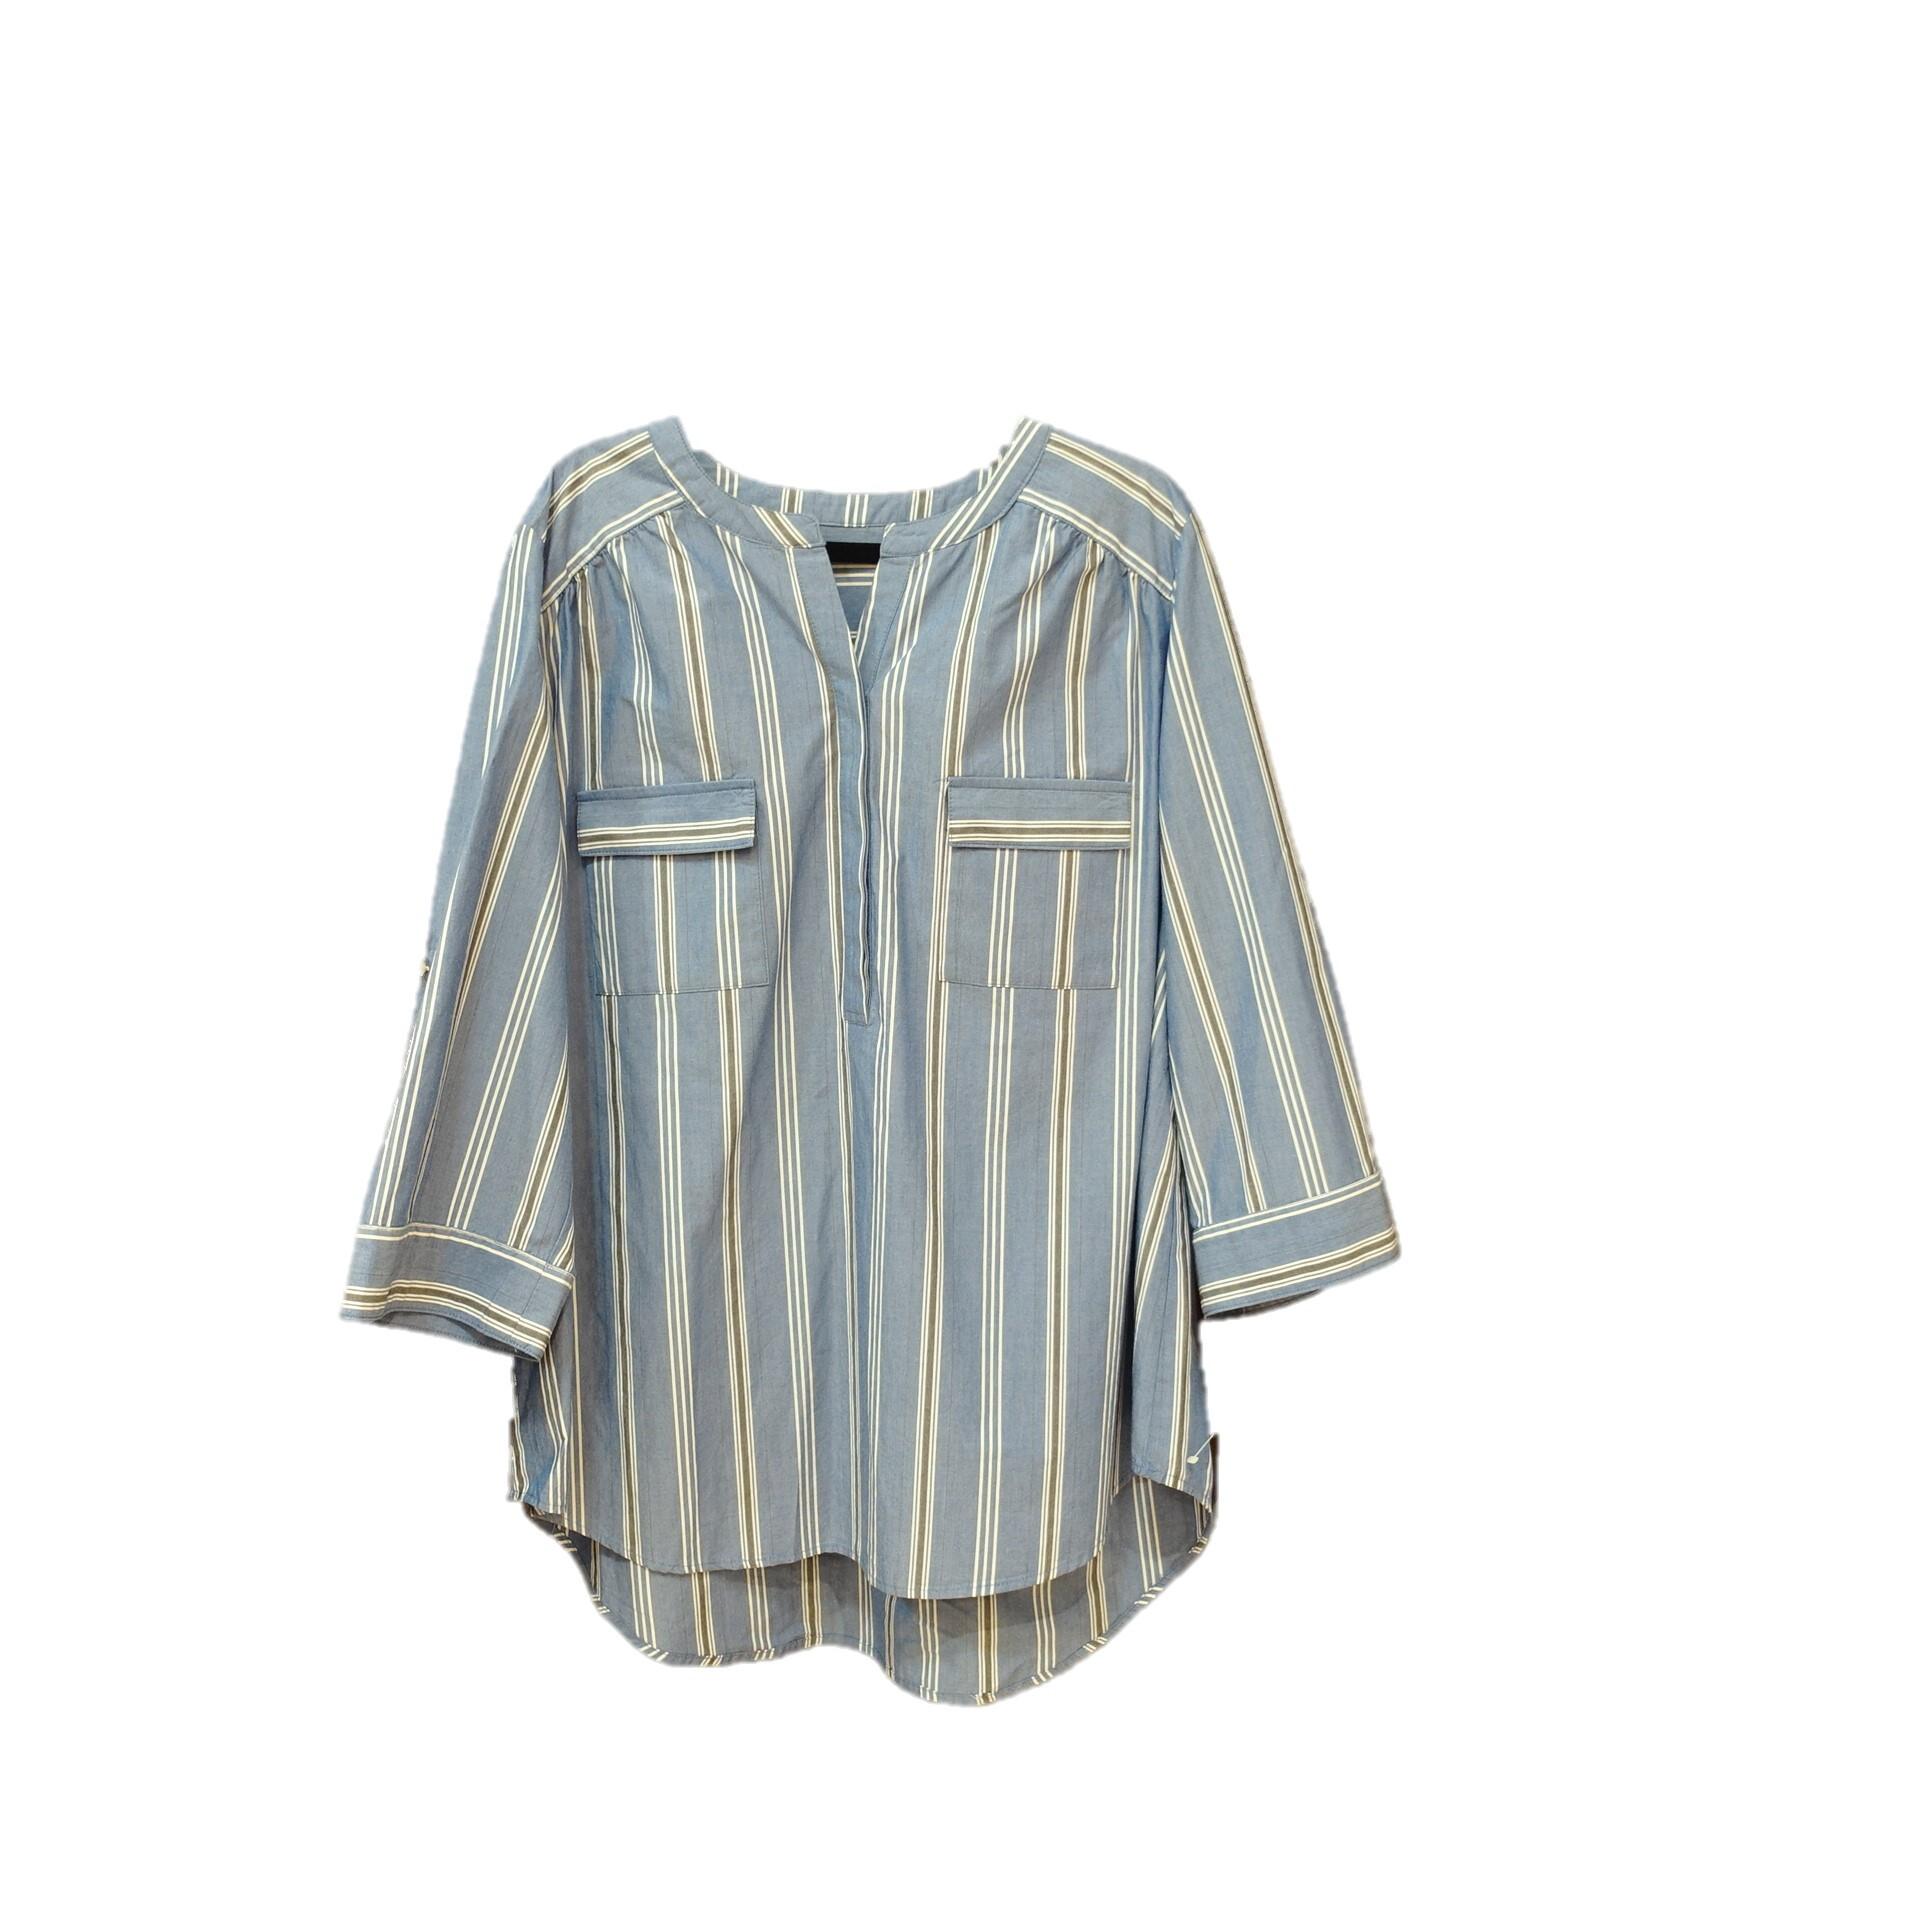 21036   ストライプ・スキッパーシャツ/ブルー